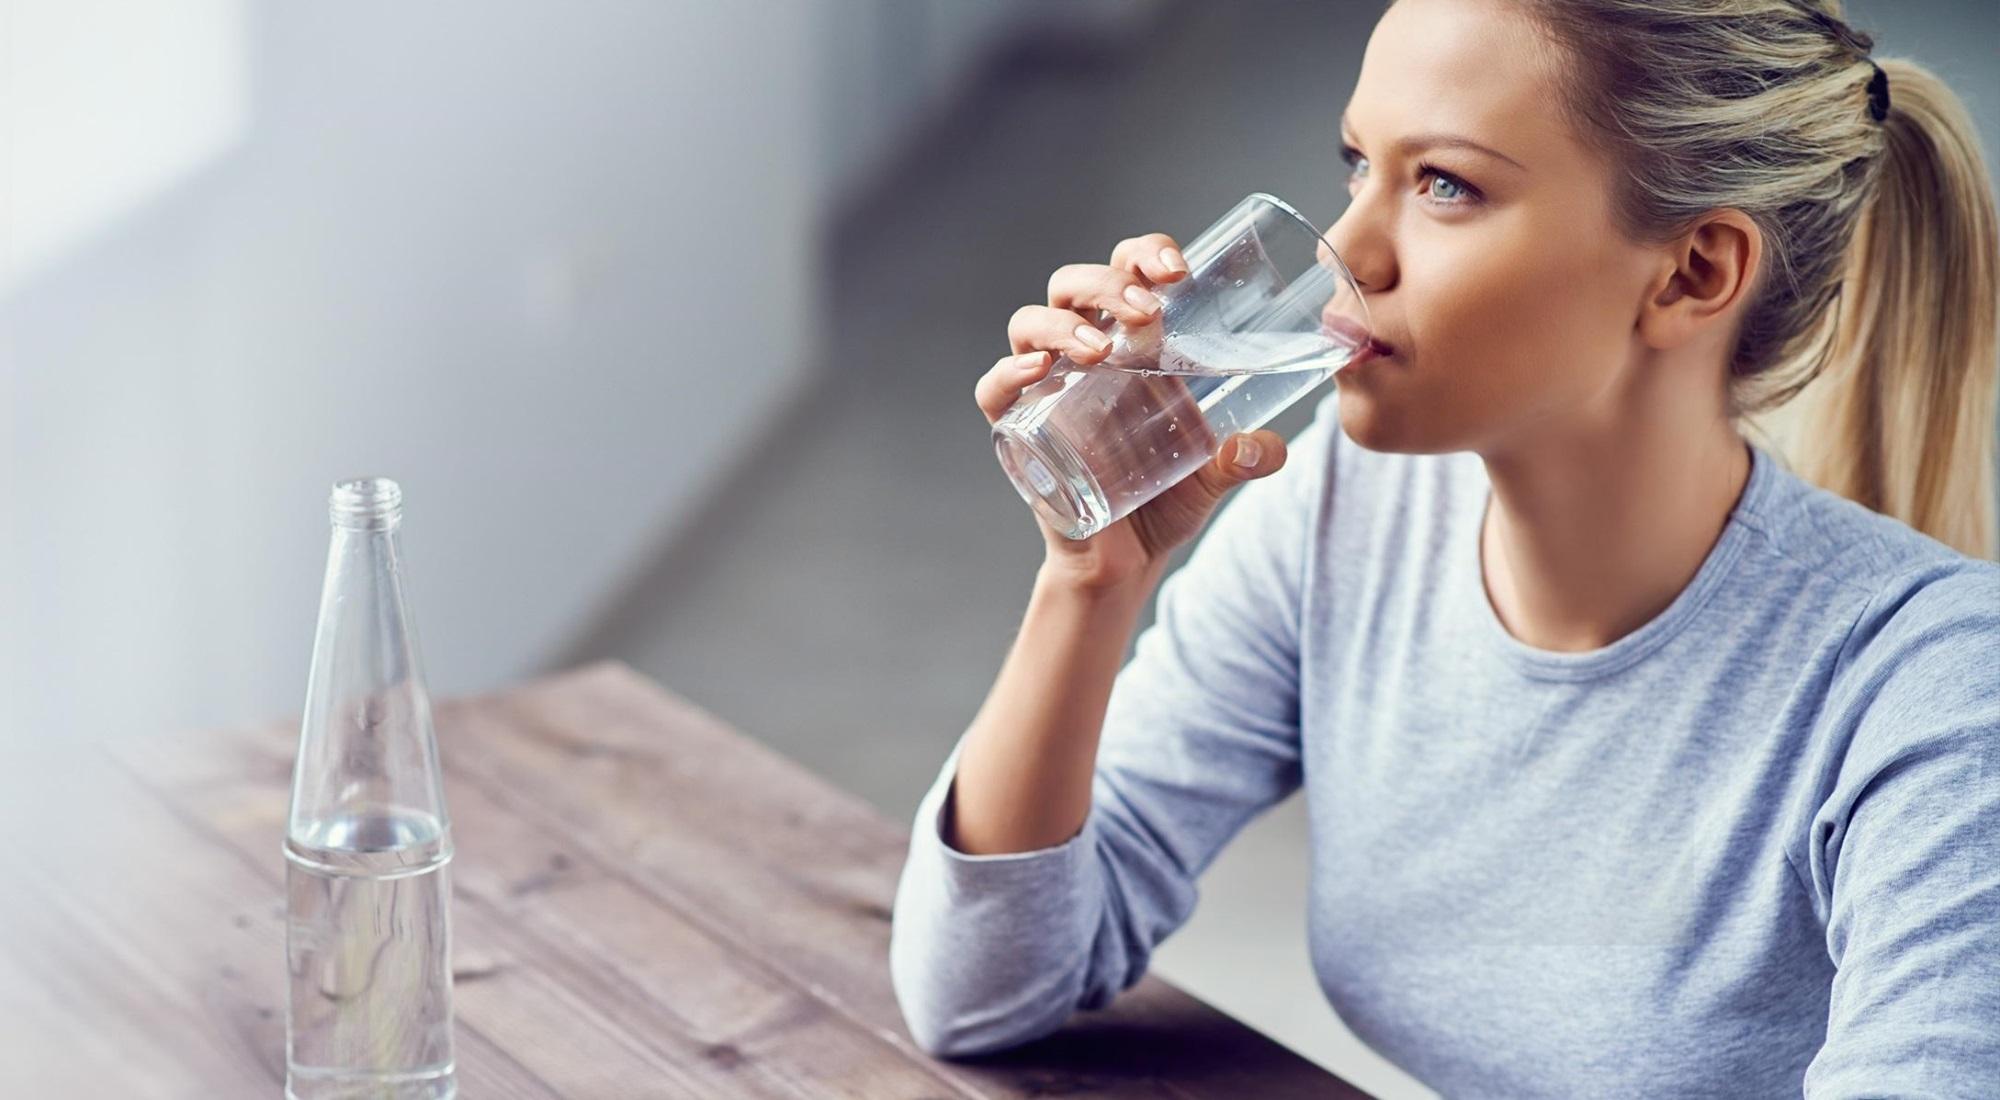 Ít người biết 4 thời điểm bổ sung nước mang lại lợi ích vàng cho cơ thể - Ảnh 2